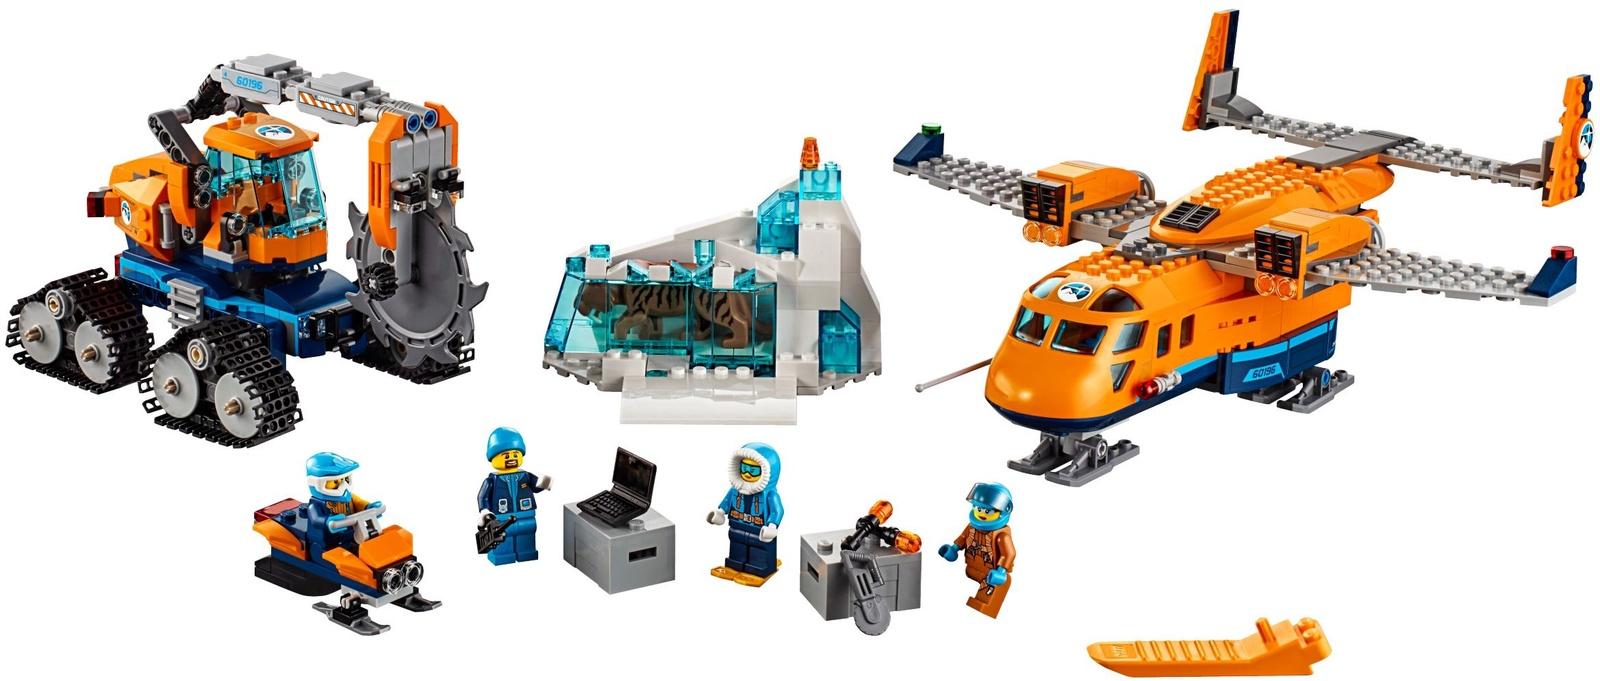 Пластиковый конструктор LEGO 60196